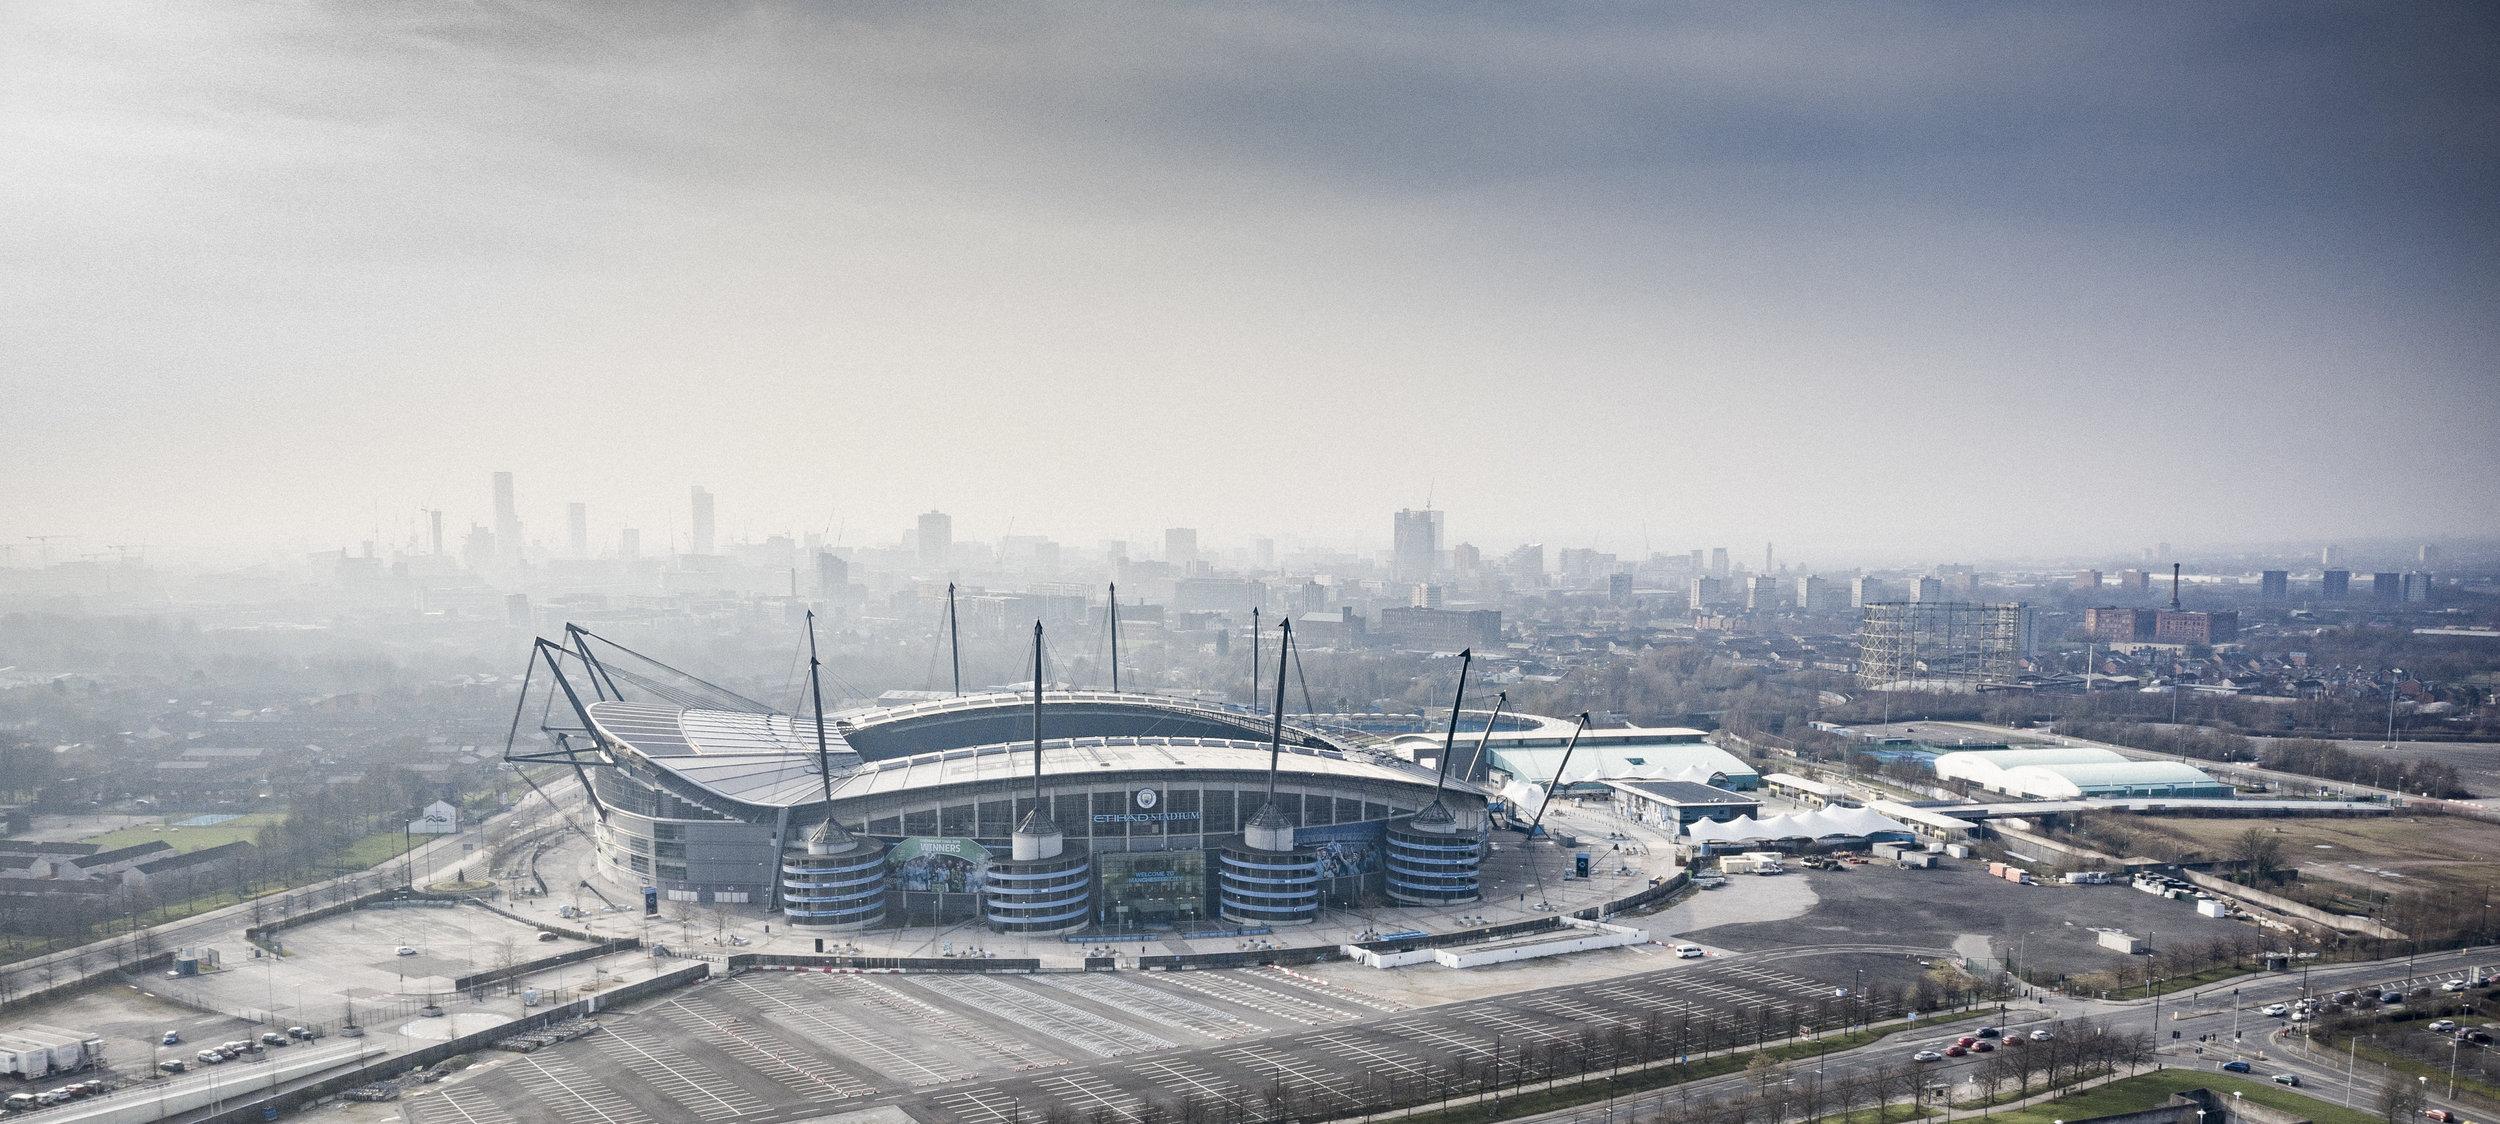 Emirates Stadium, Manchester